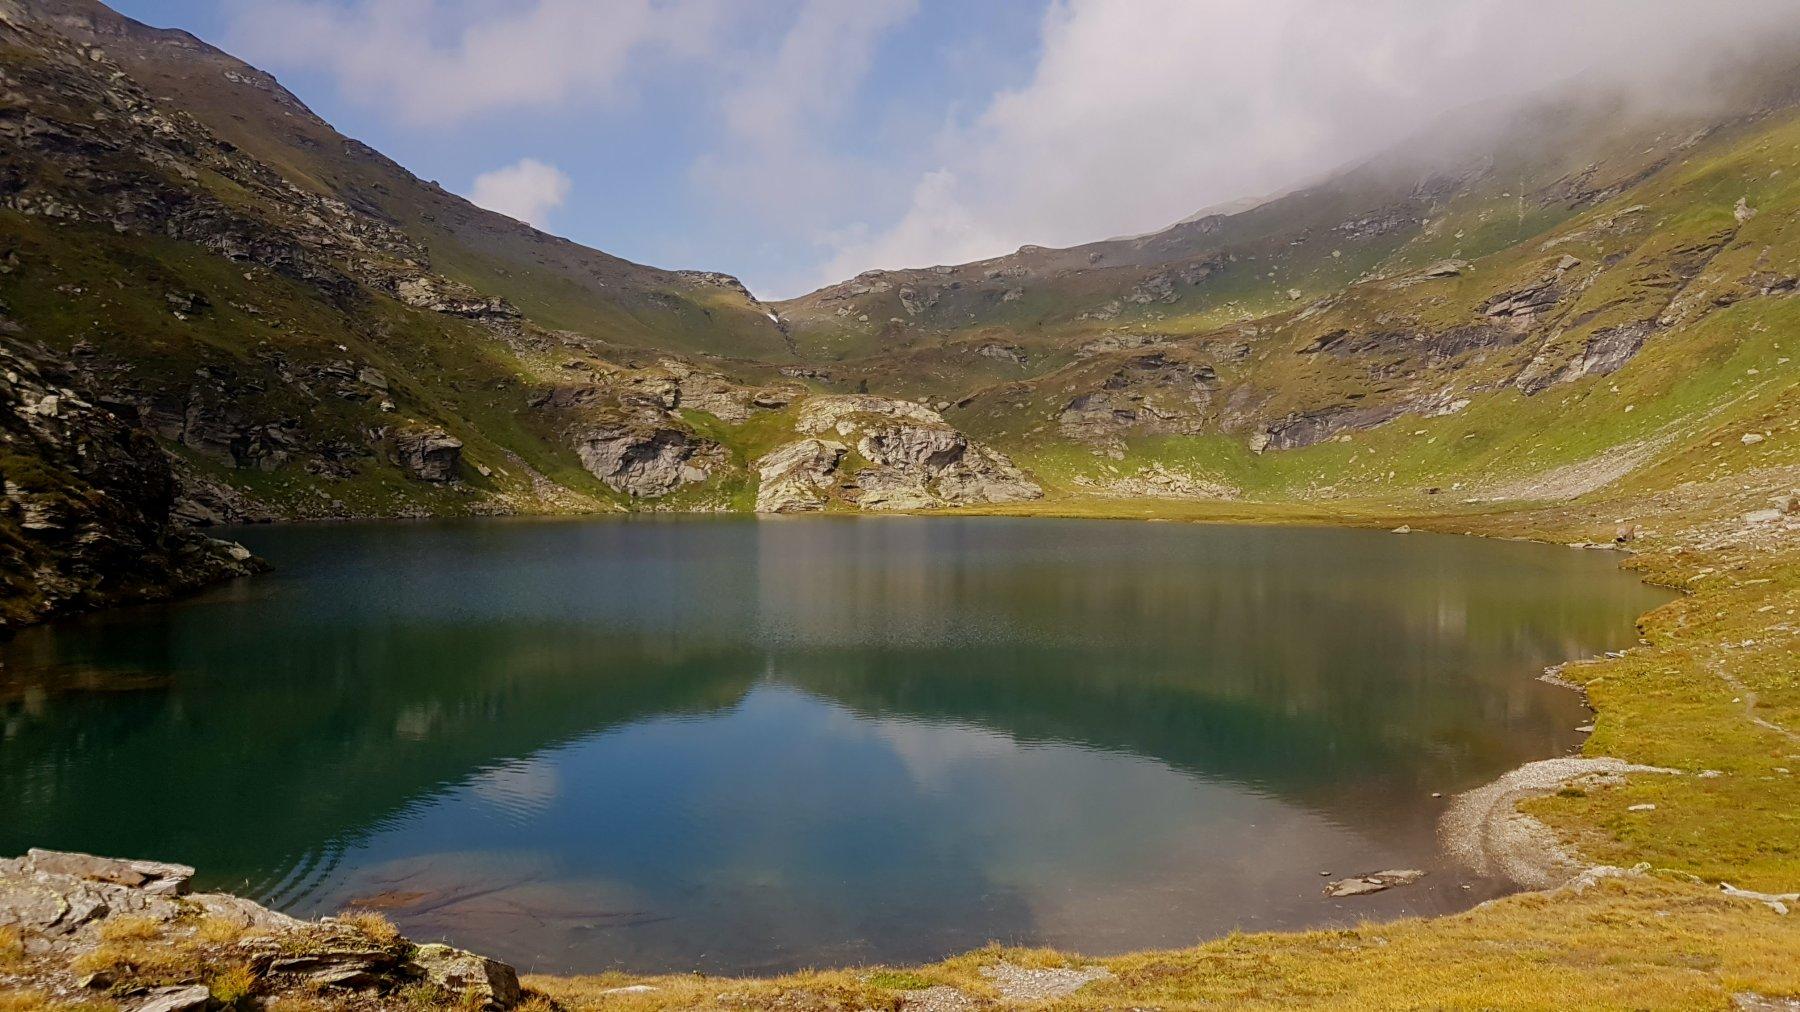 Il limpido lago di Poiala